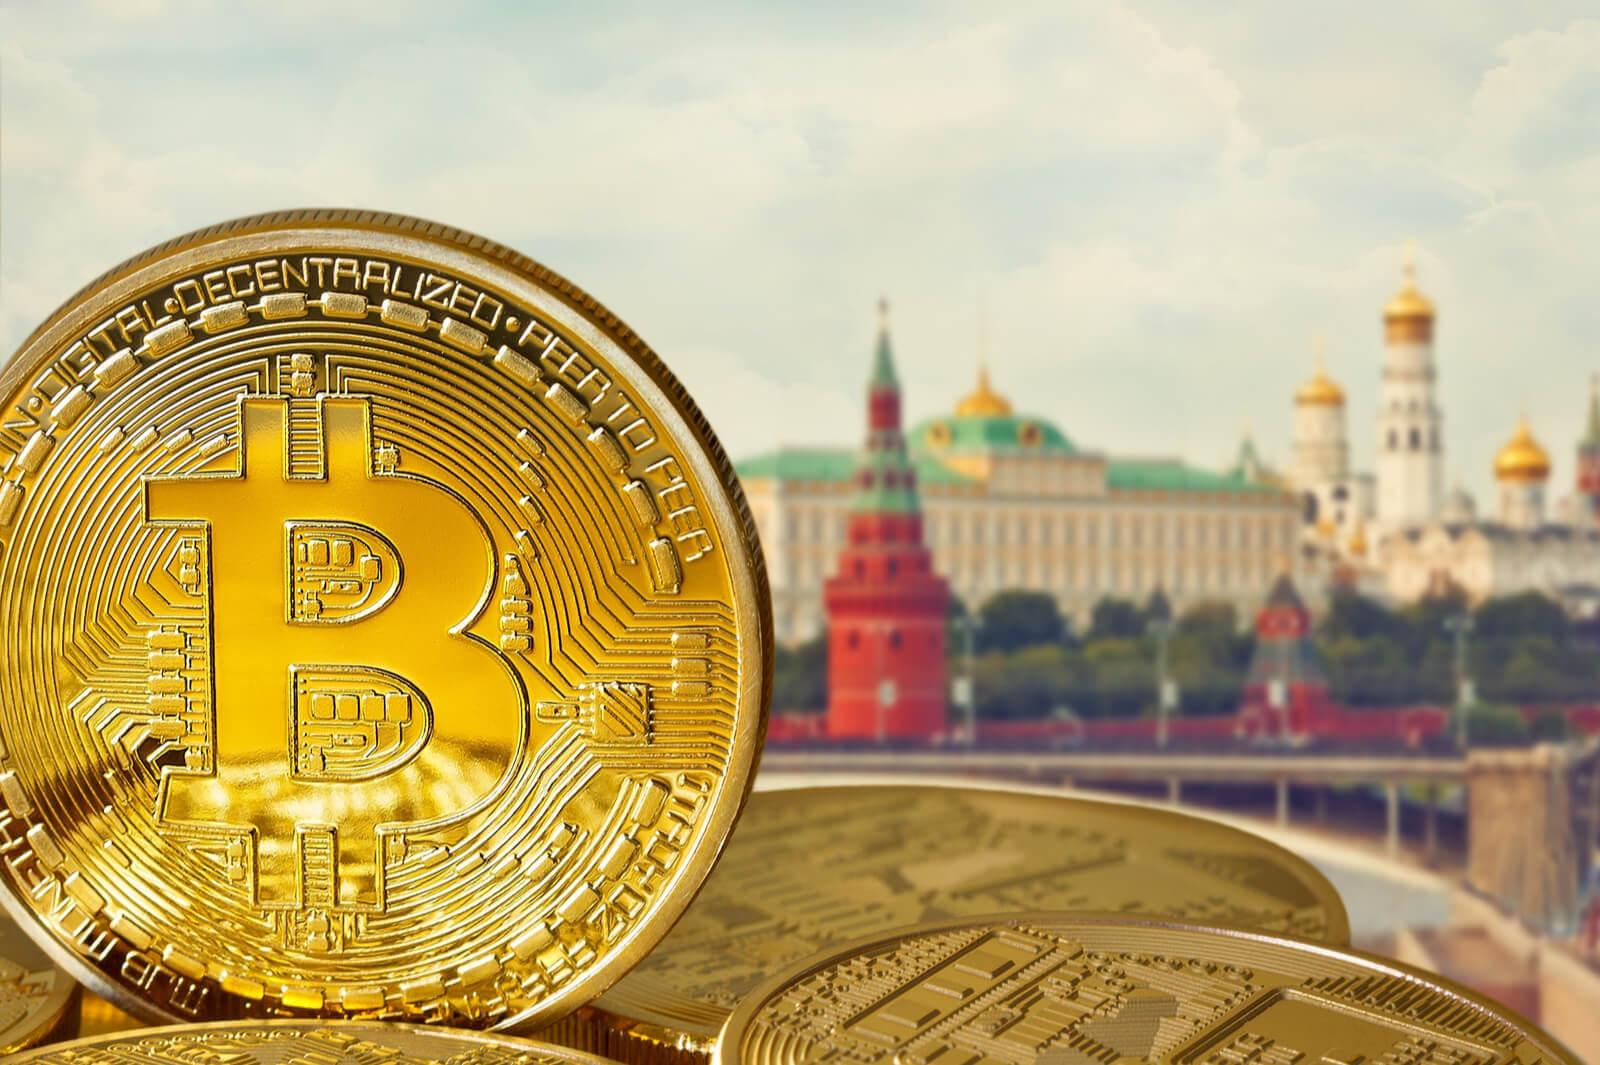 rus yetkili bitcoin yasaklanmali 6021185bc4cec